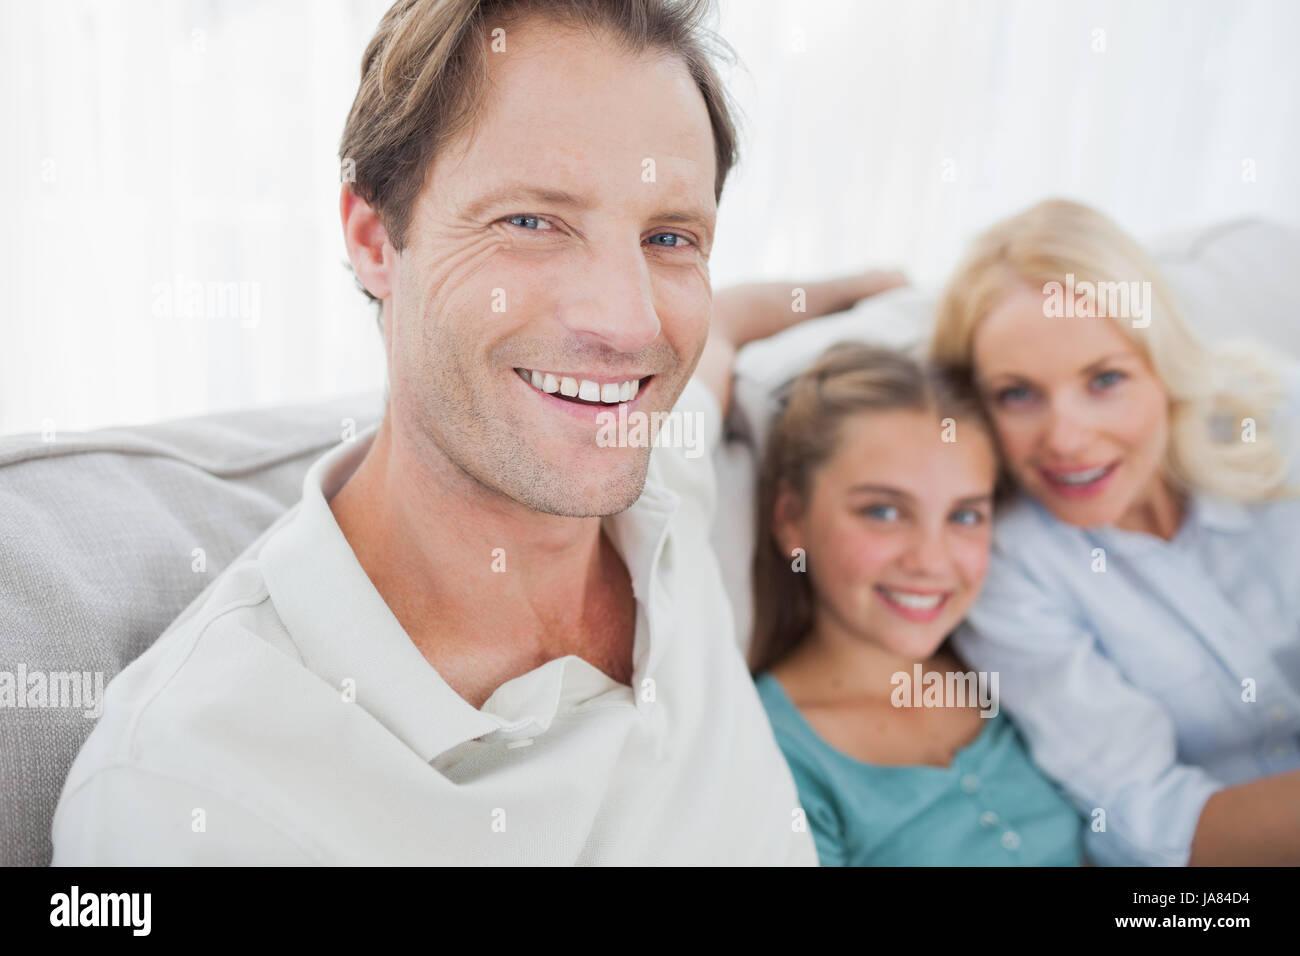 Porträt eines Vaters mit Familie hinter sitzen auf einer couch Stockfoto